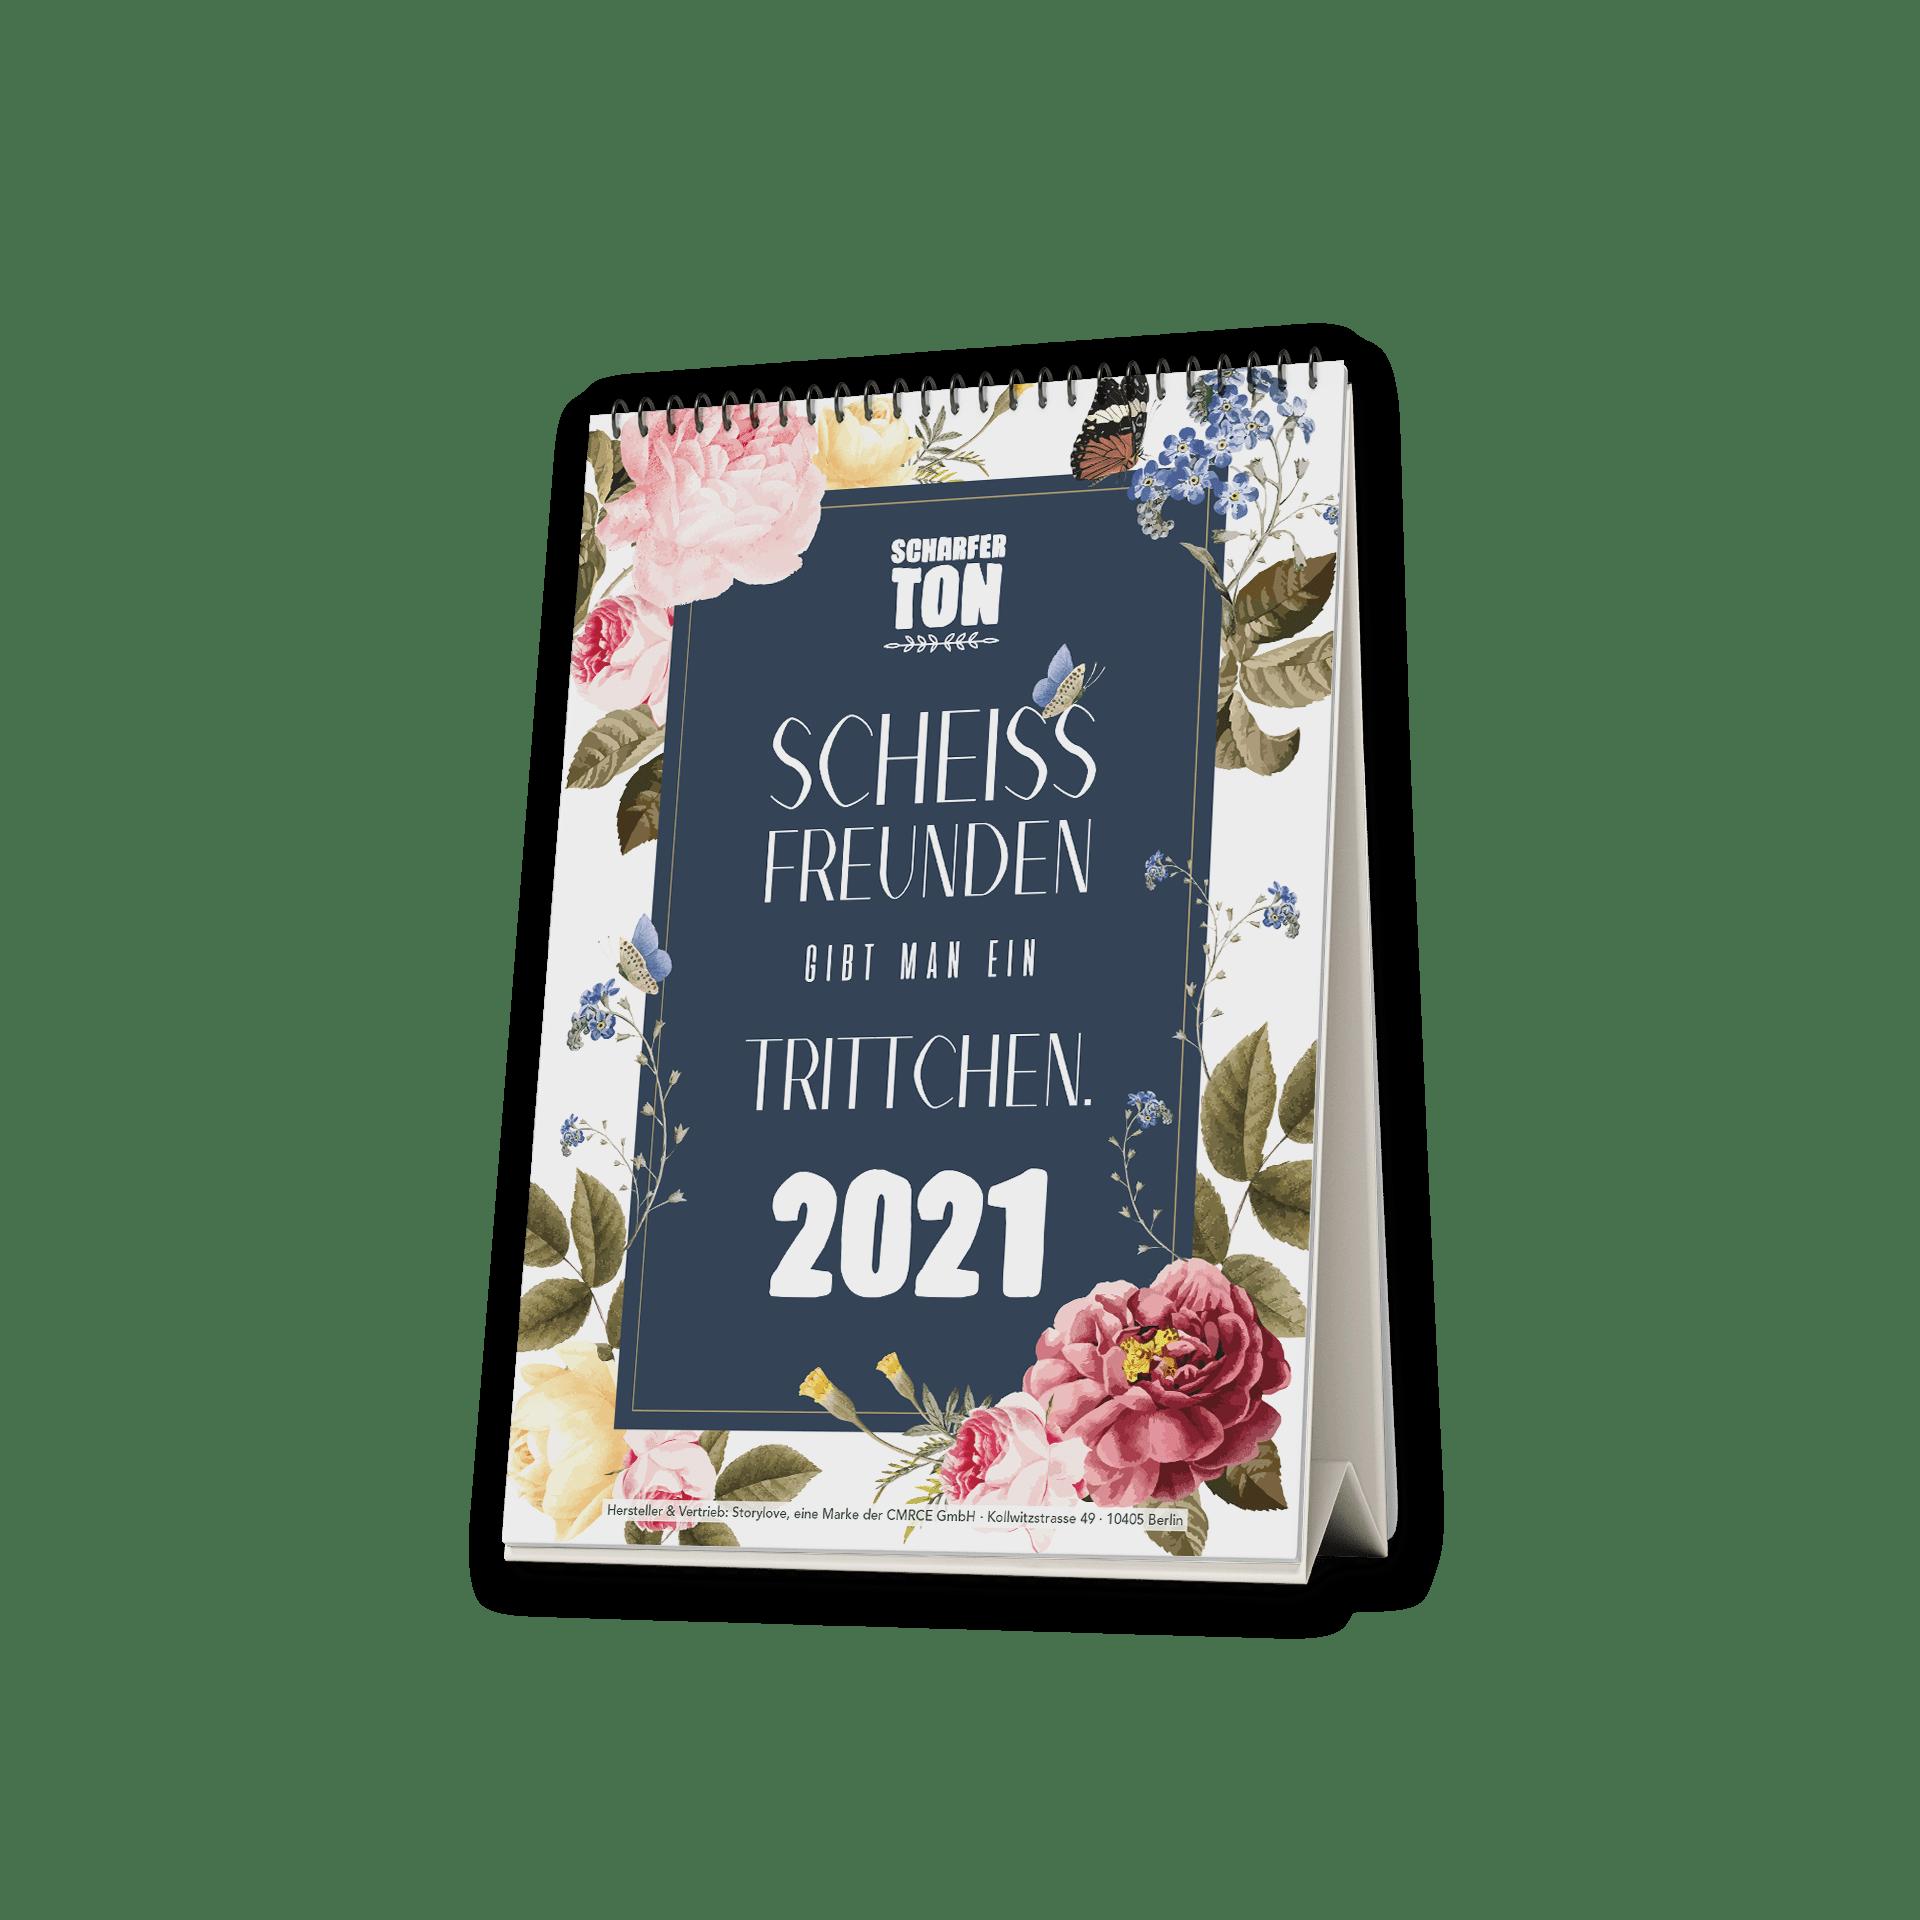 Scheiss Freunden gibt man ein Trittchen - Tischkalender